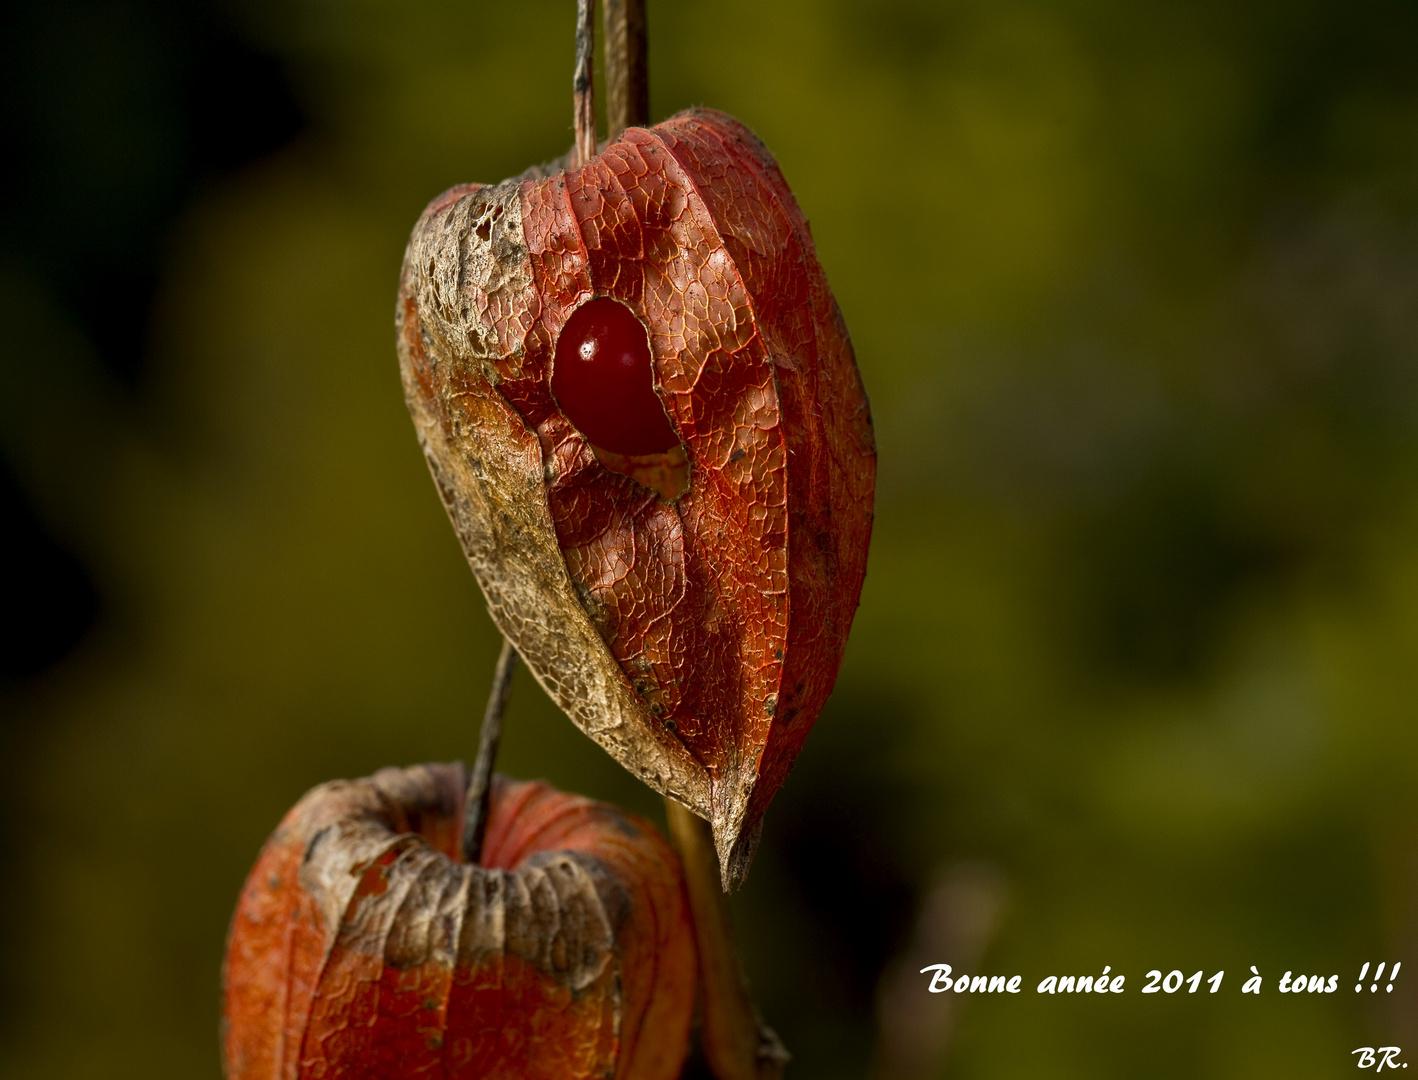 Bonne année 2011 à tous !!!!